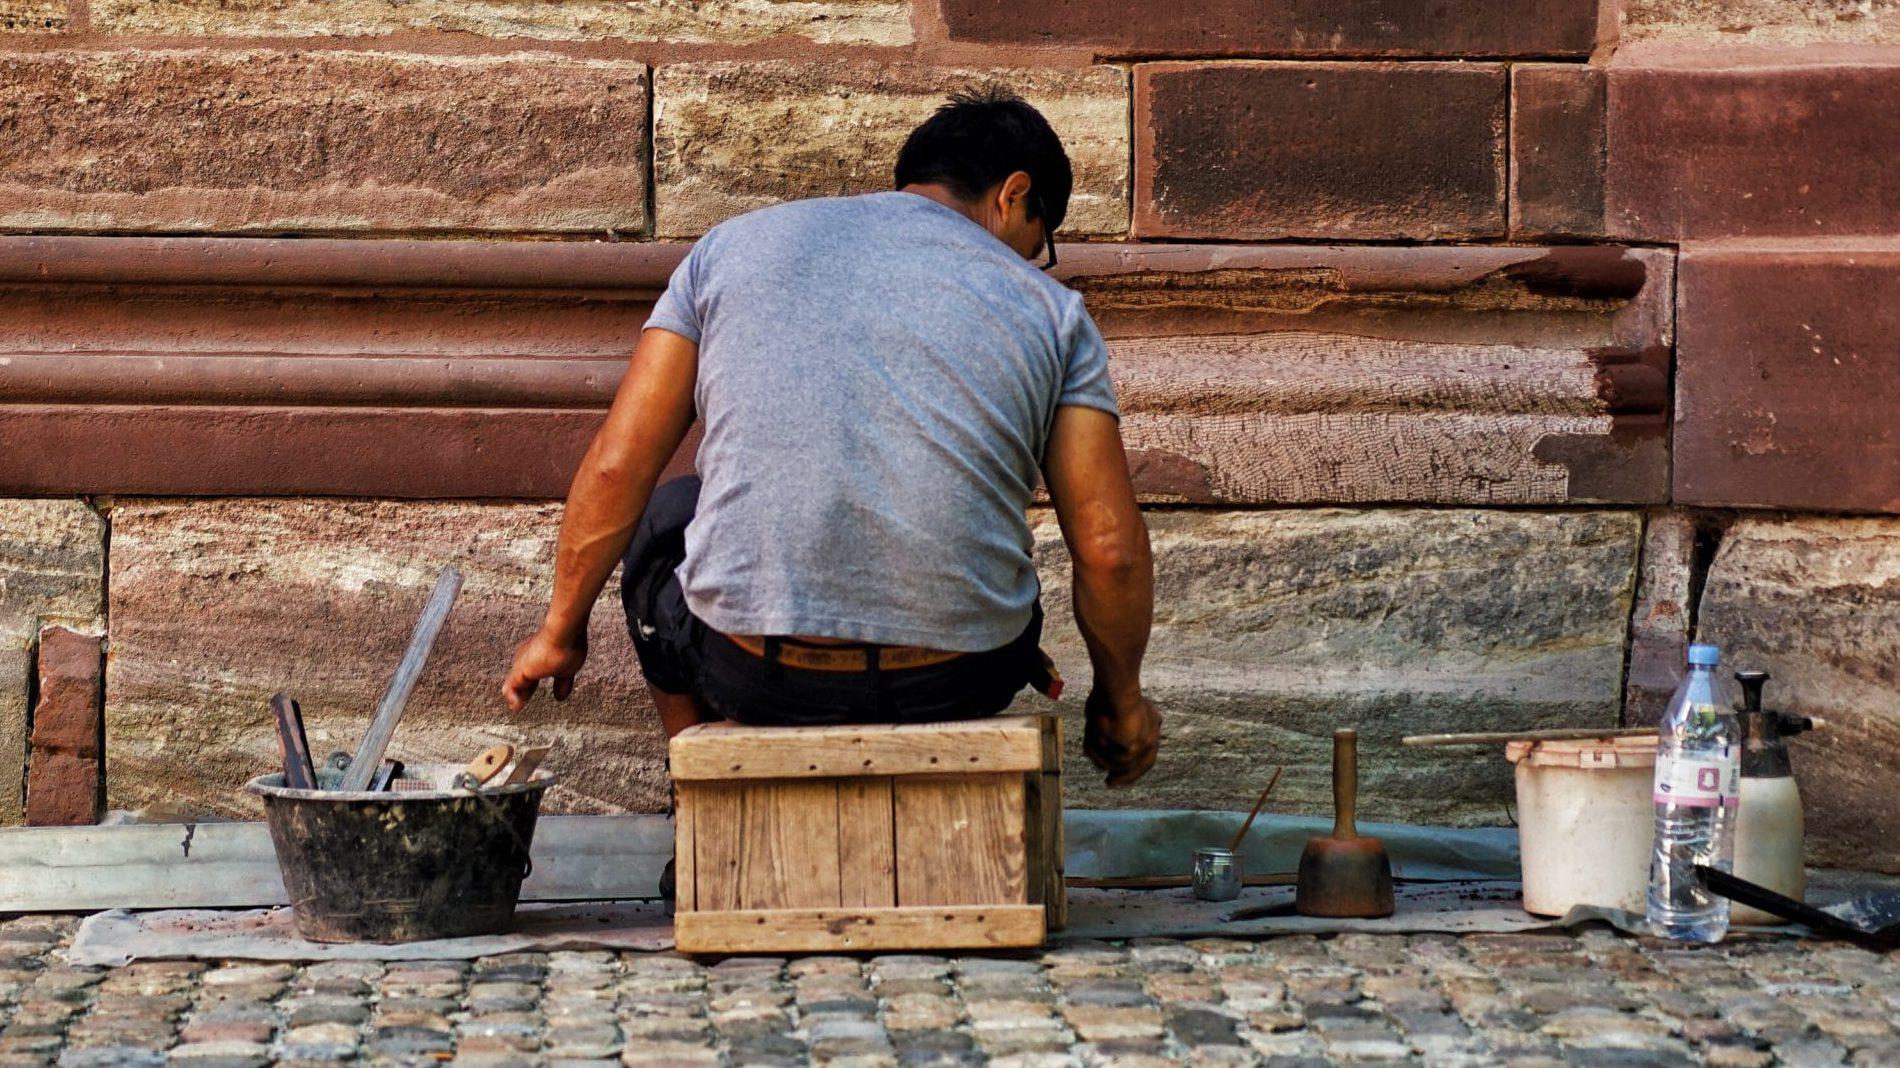 הרב אייל ורד: השאלות הקשות על פרנסת האדם